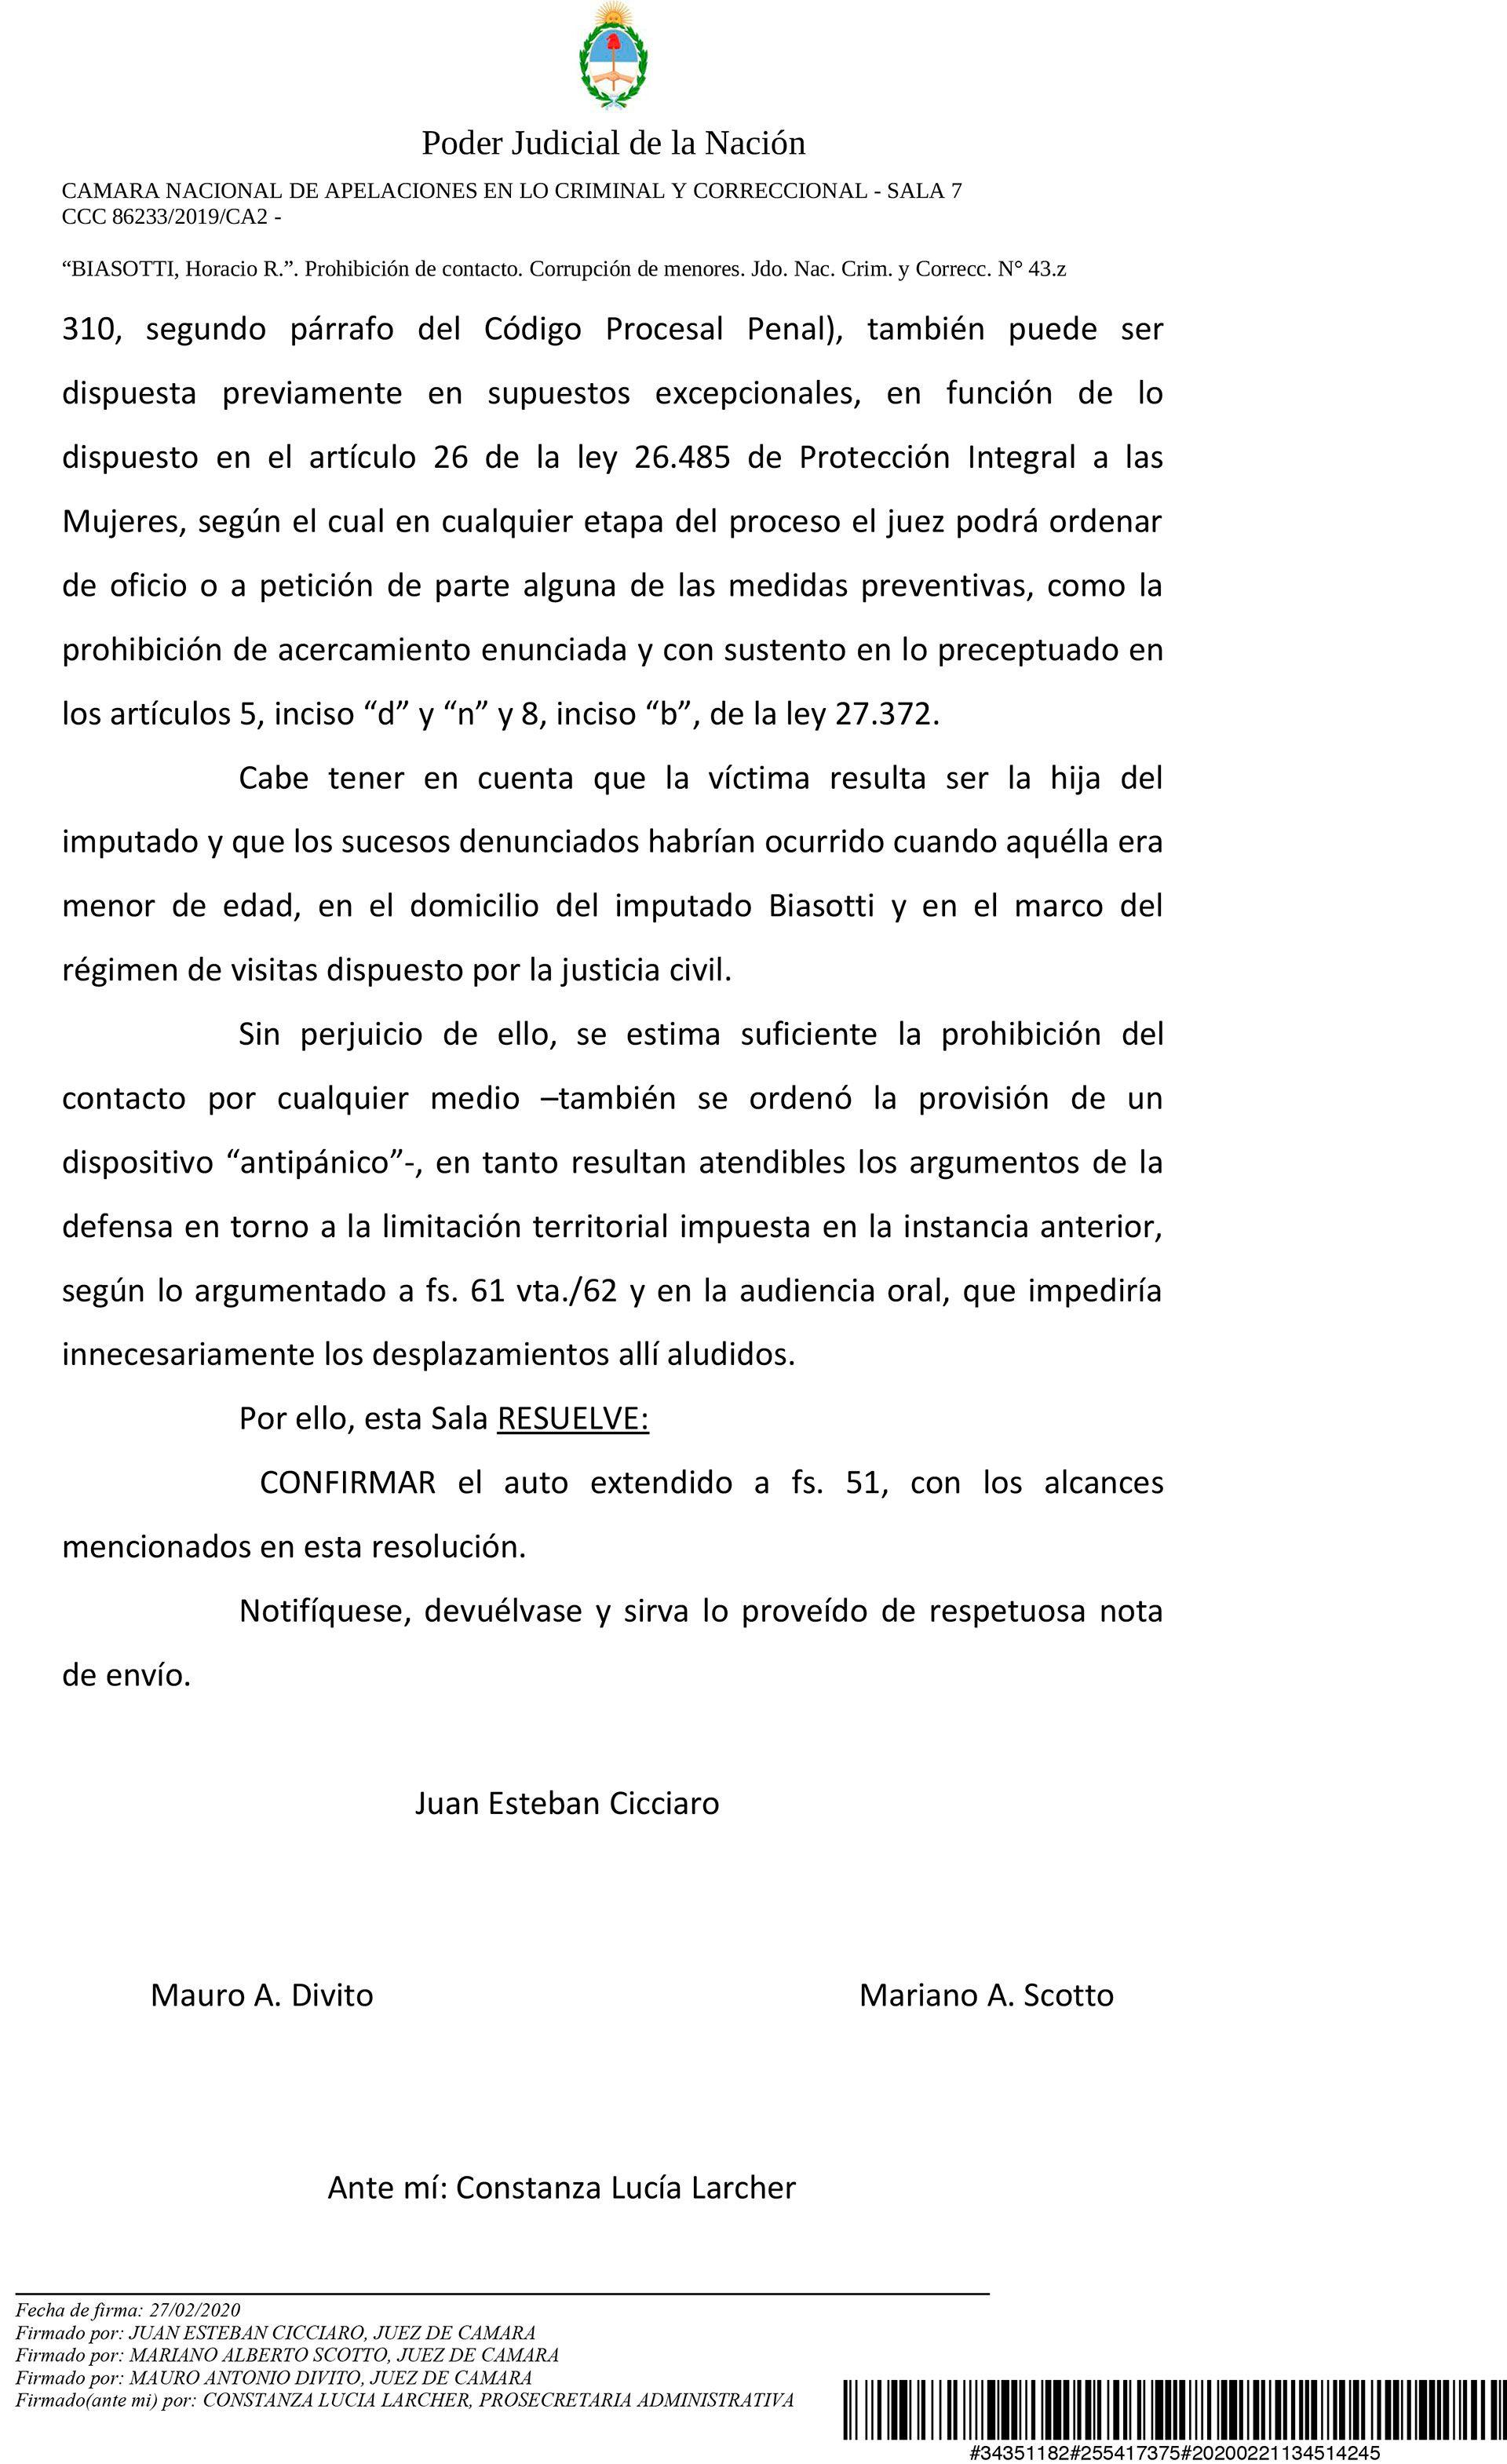 La resolución de la Cámara Nacional de Apelaciones